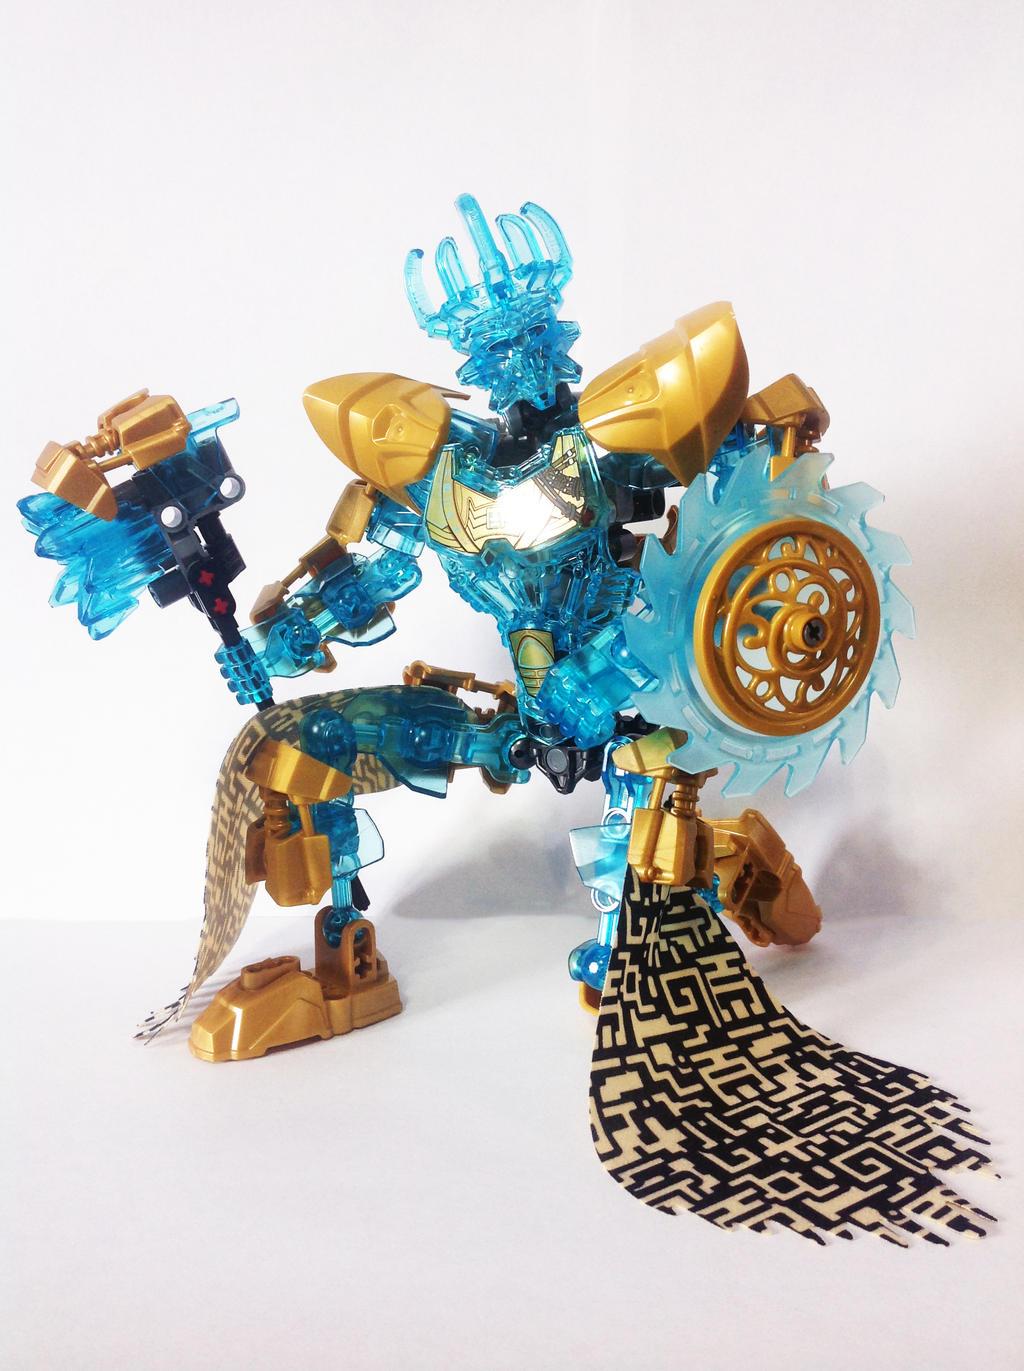 bionicle 2017 ekimu - photo #19